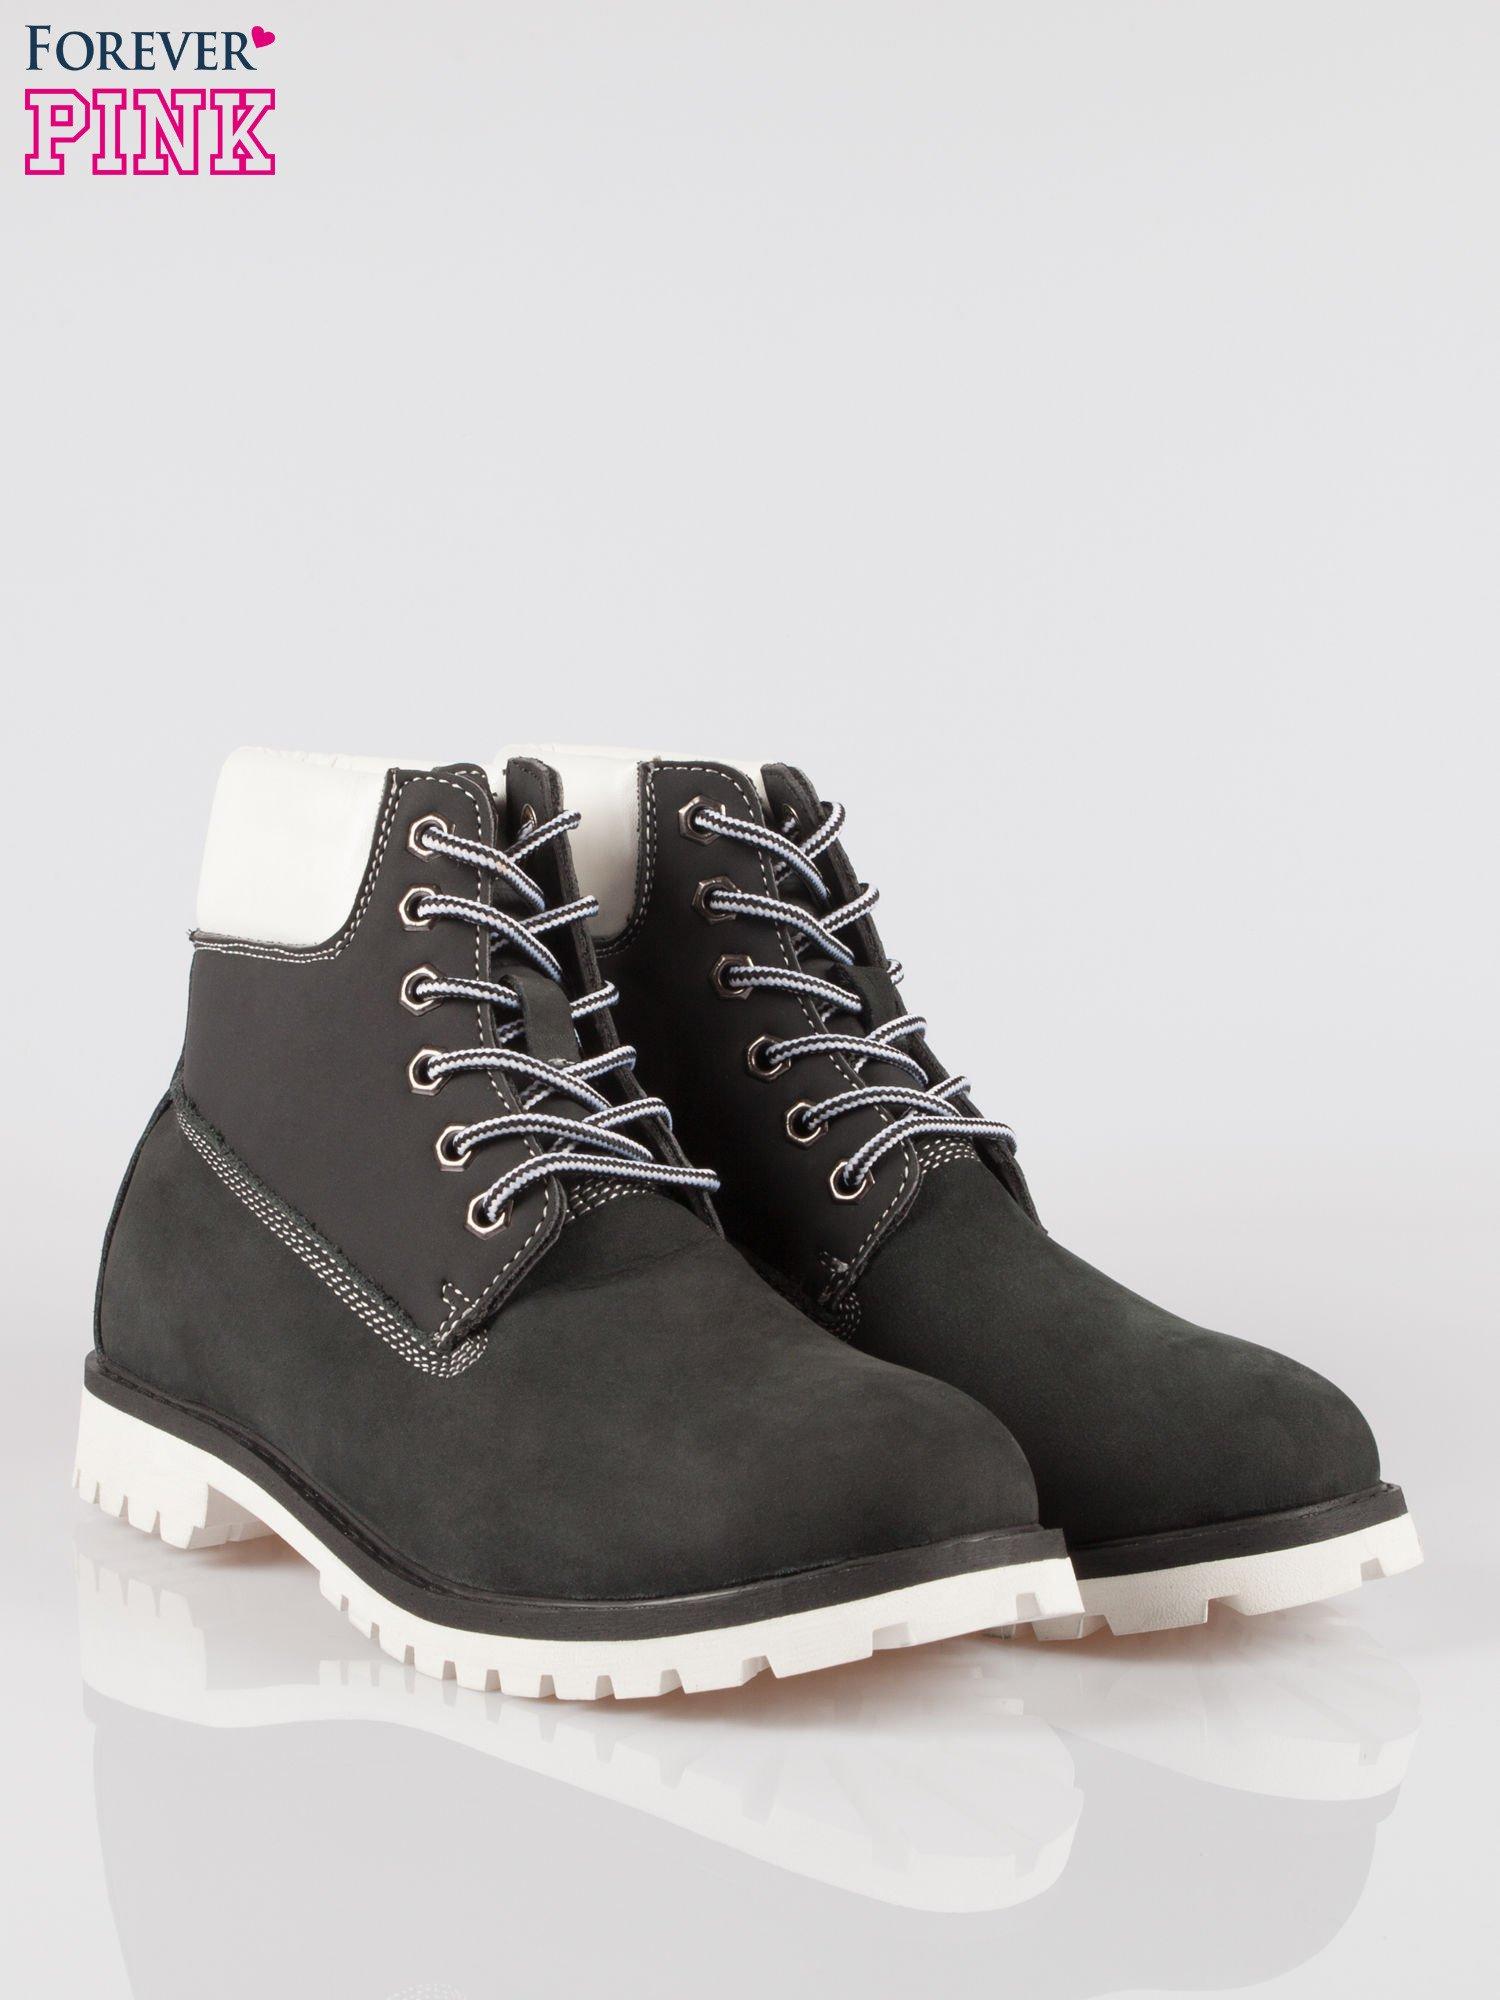 Czarne buty trekkingowe traperki damskie ze skóry naturalnej                                  zdj.                                  2